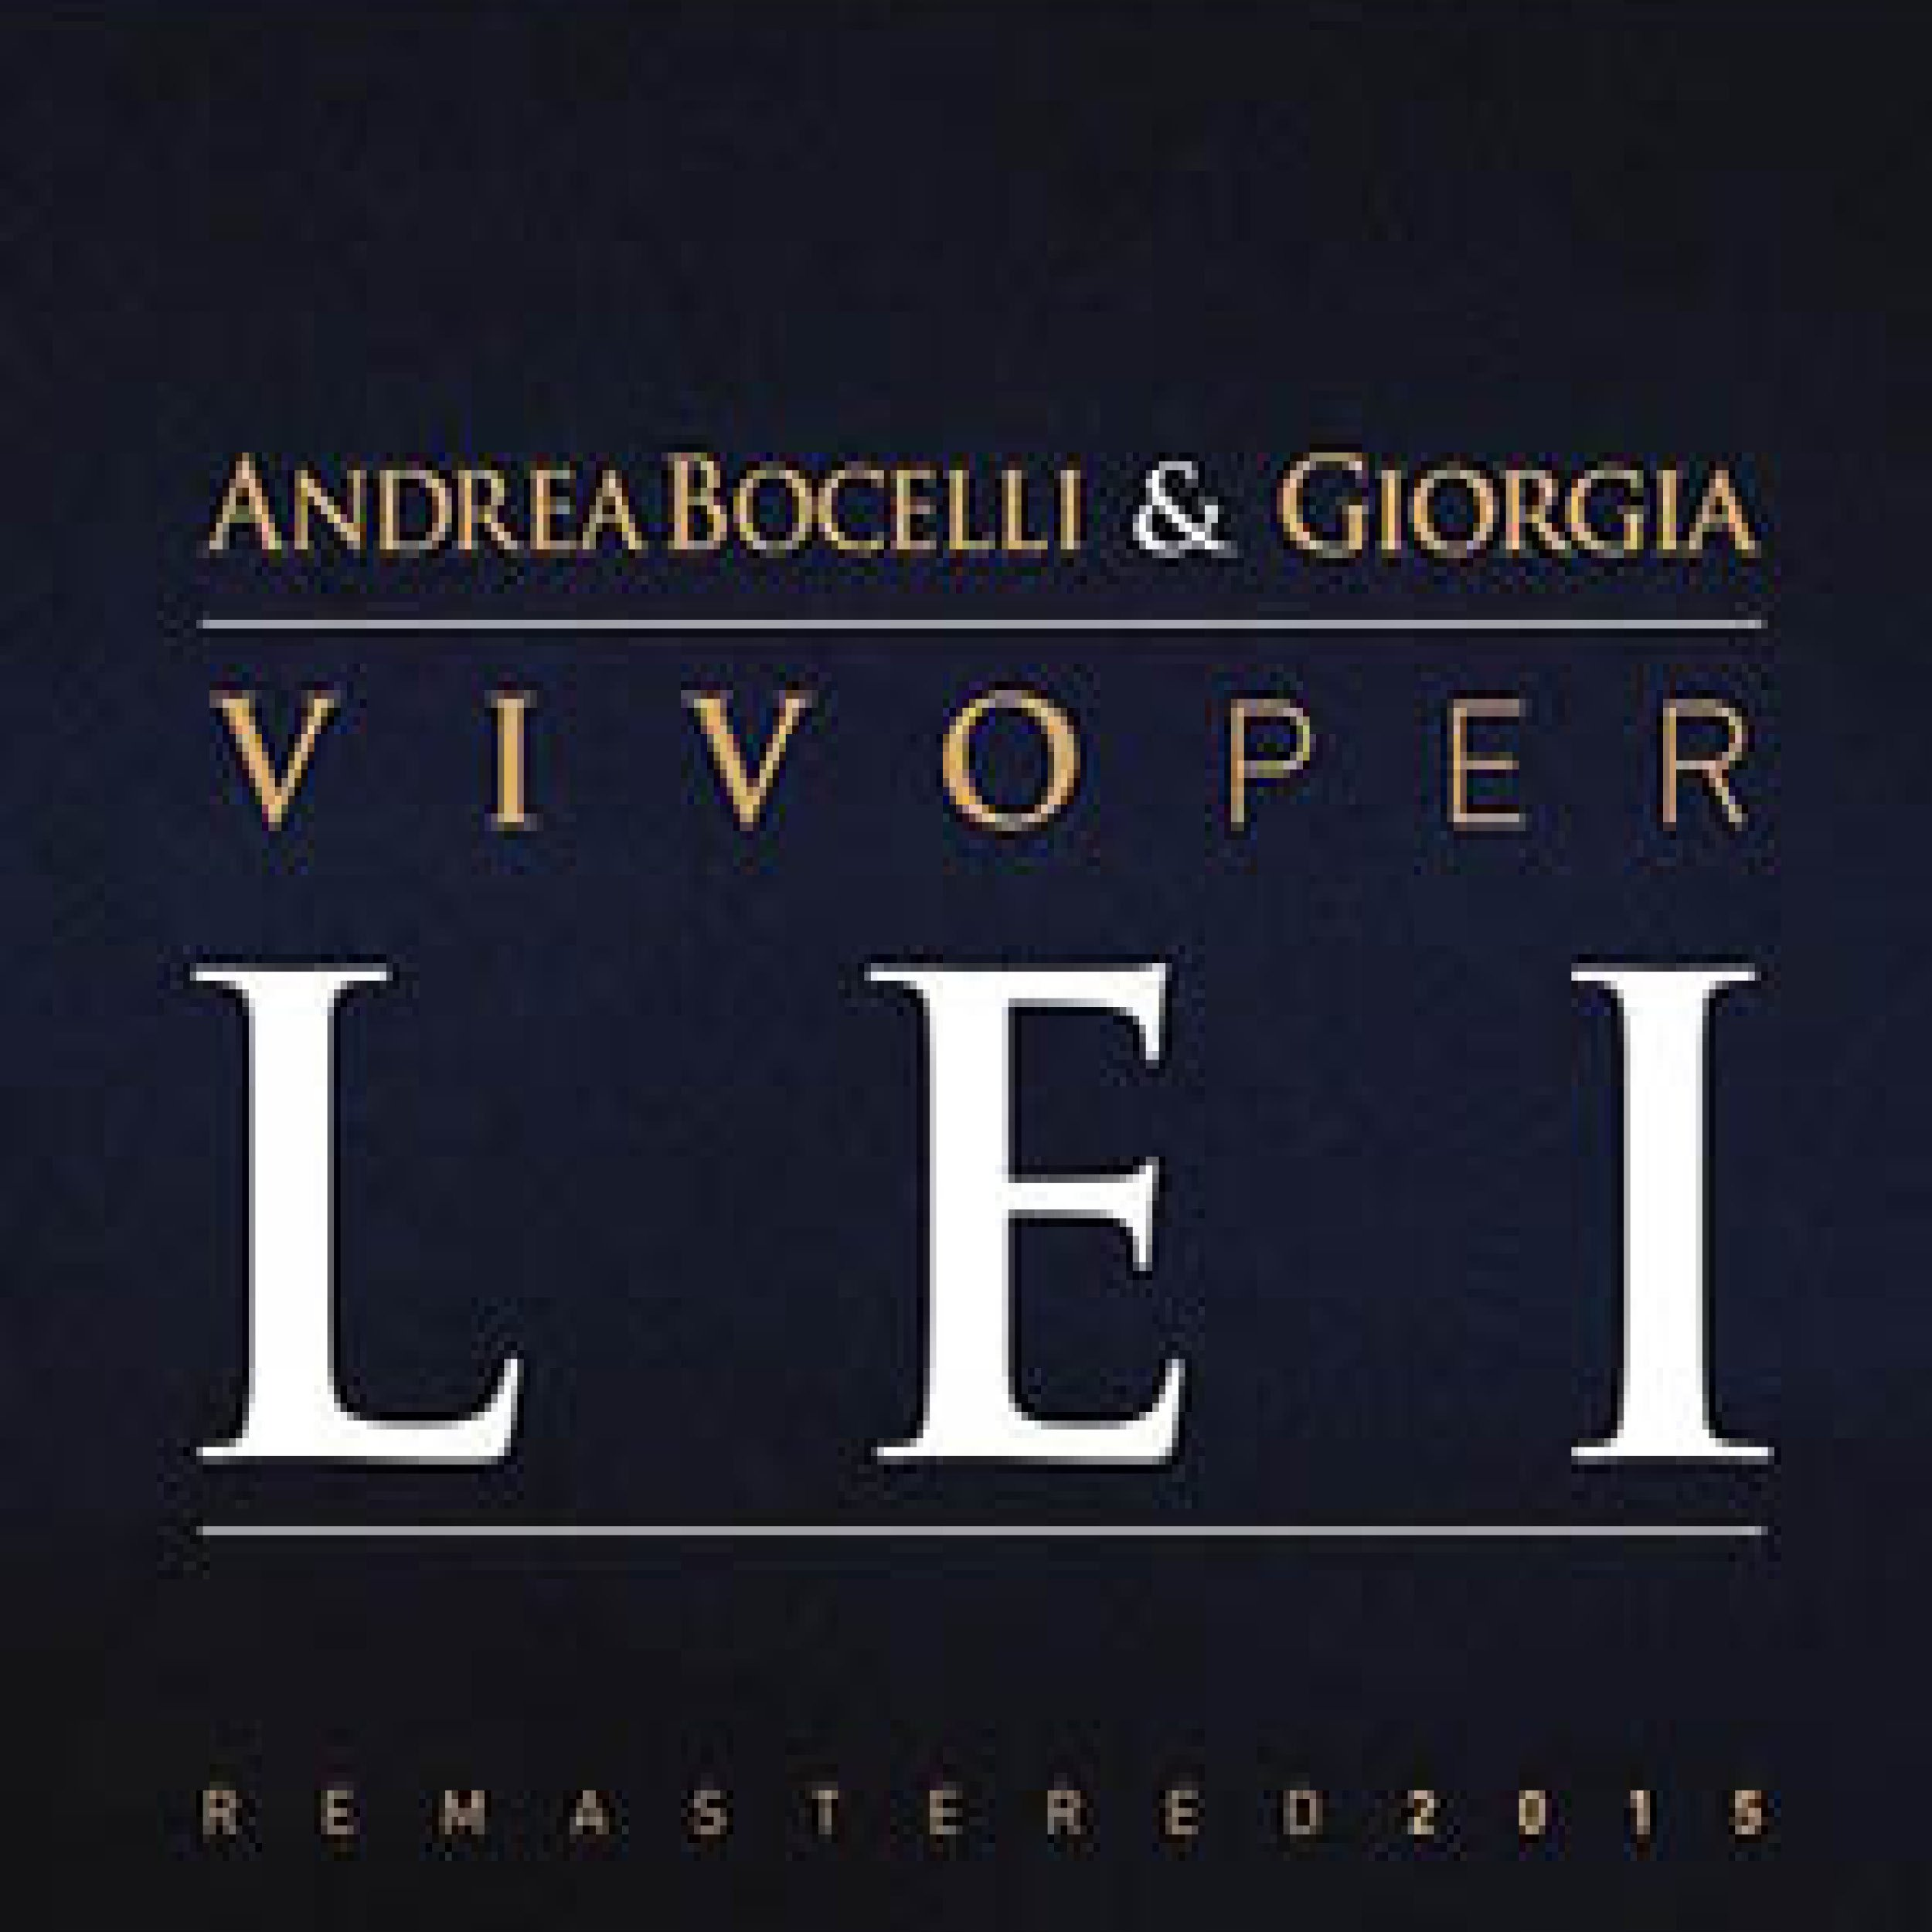 Italian Songs: Vivo per lei